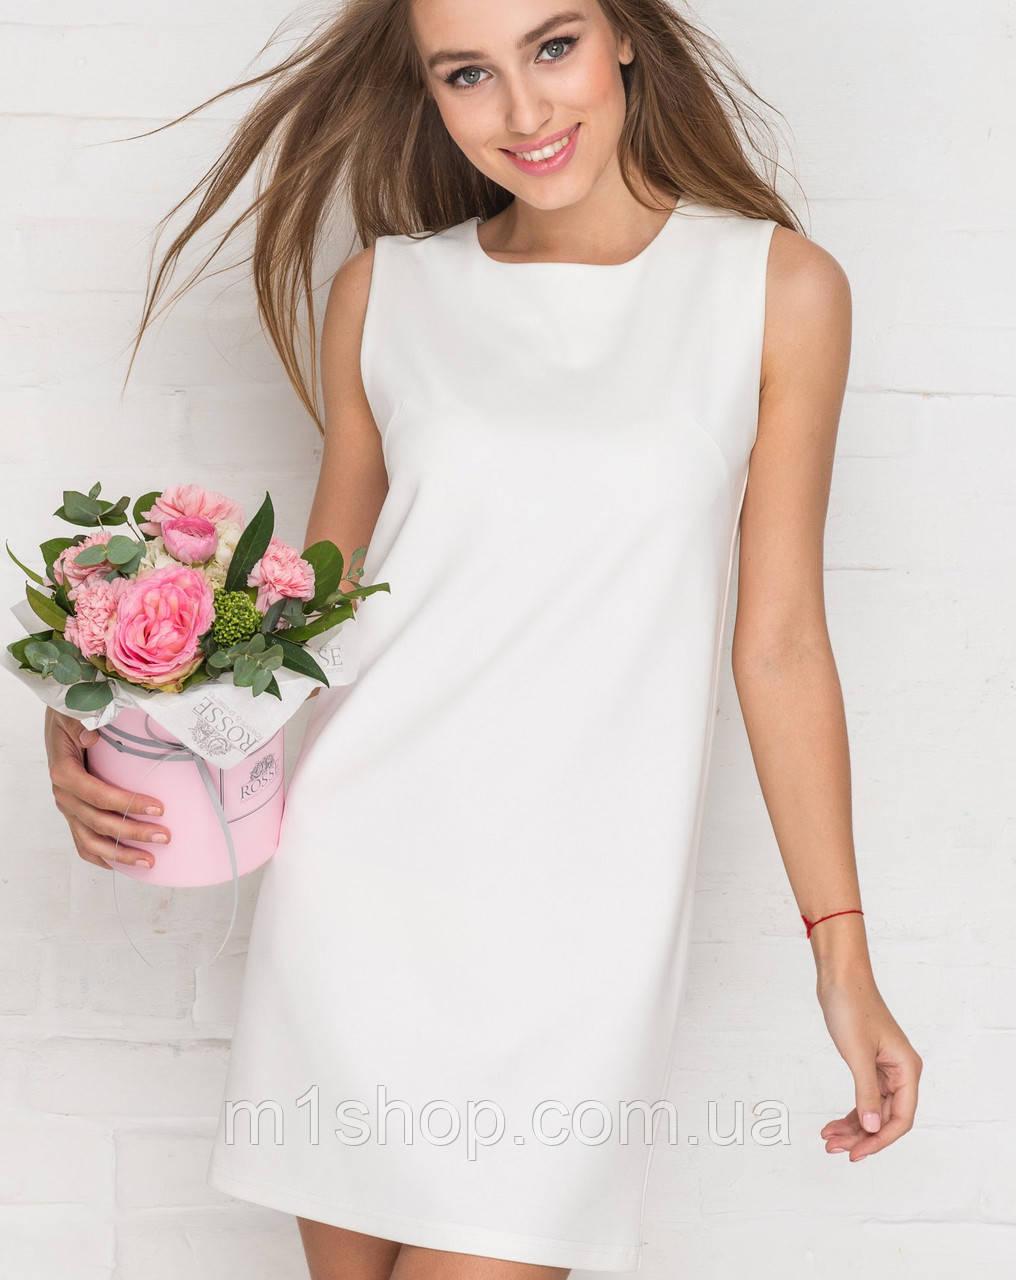 fdd3fe9686f Короткое белое платье без рукавов (2172 sk) - « m1shop » женская одежда в